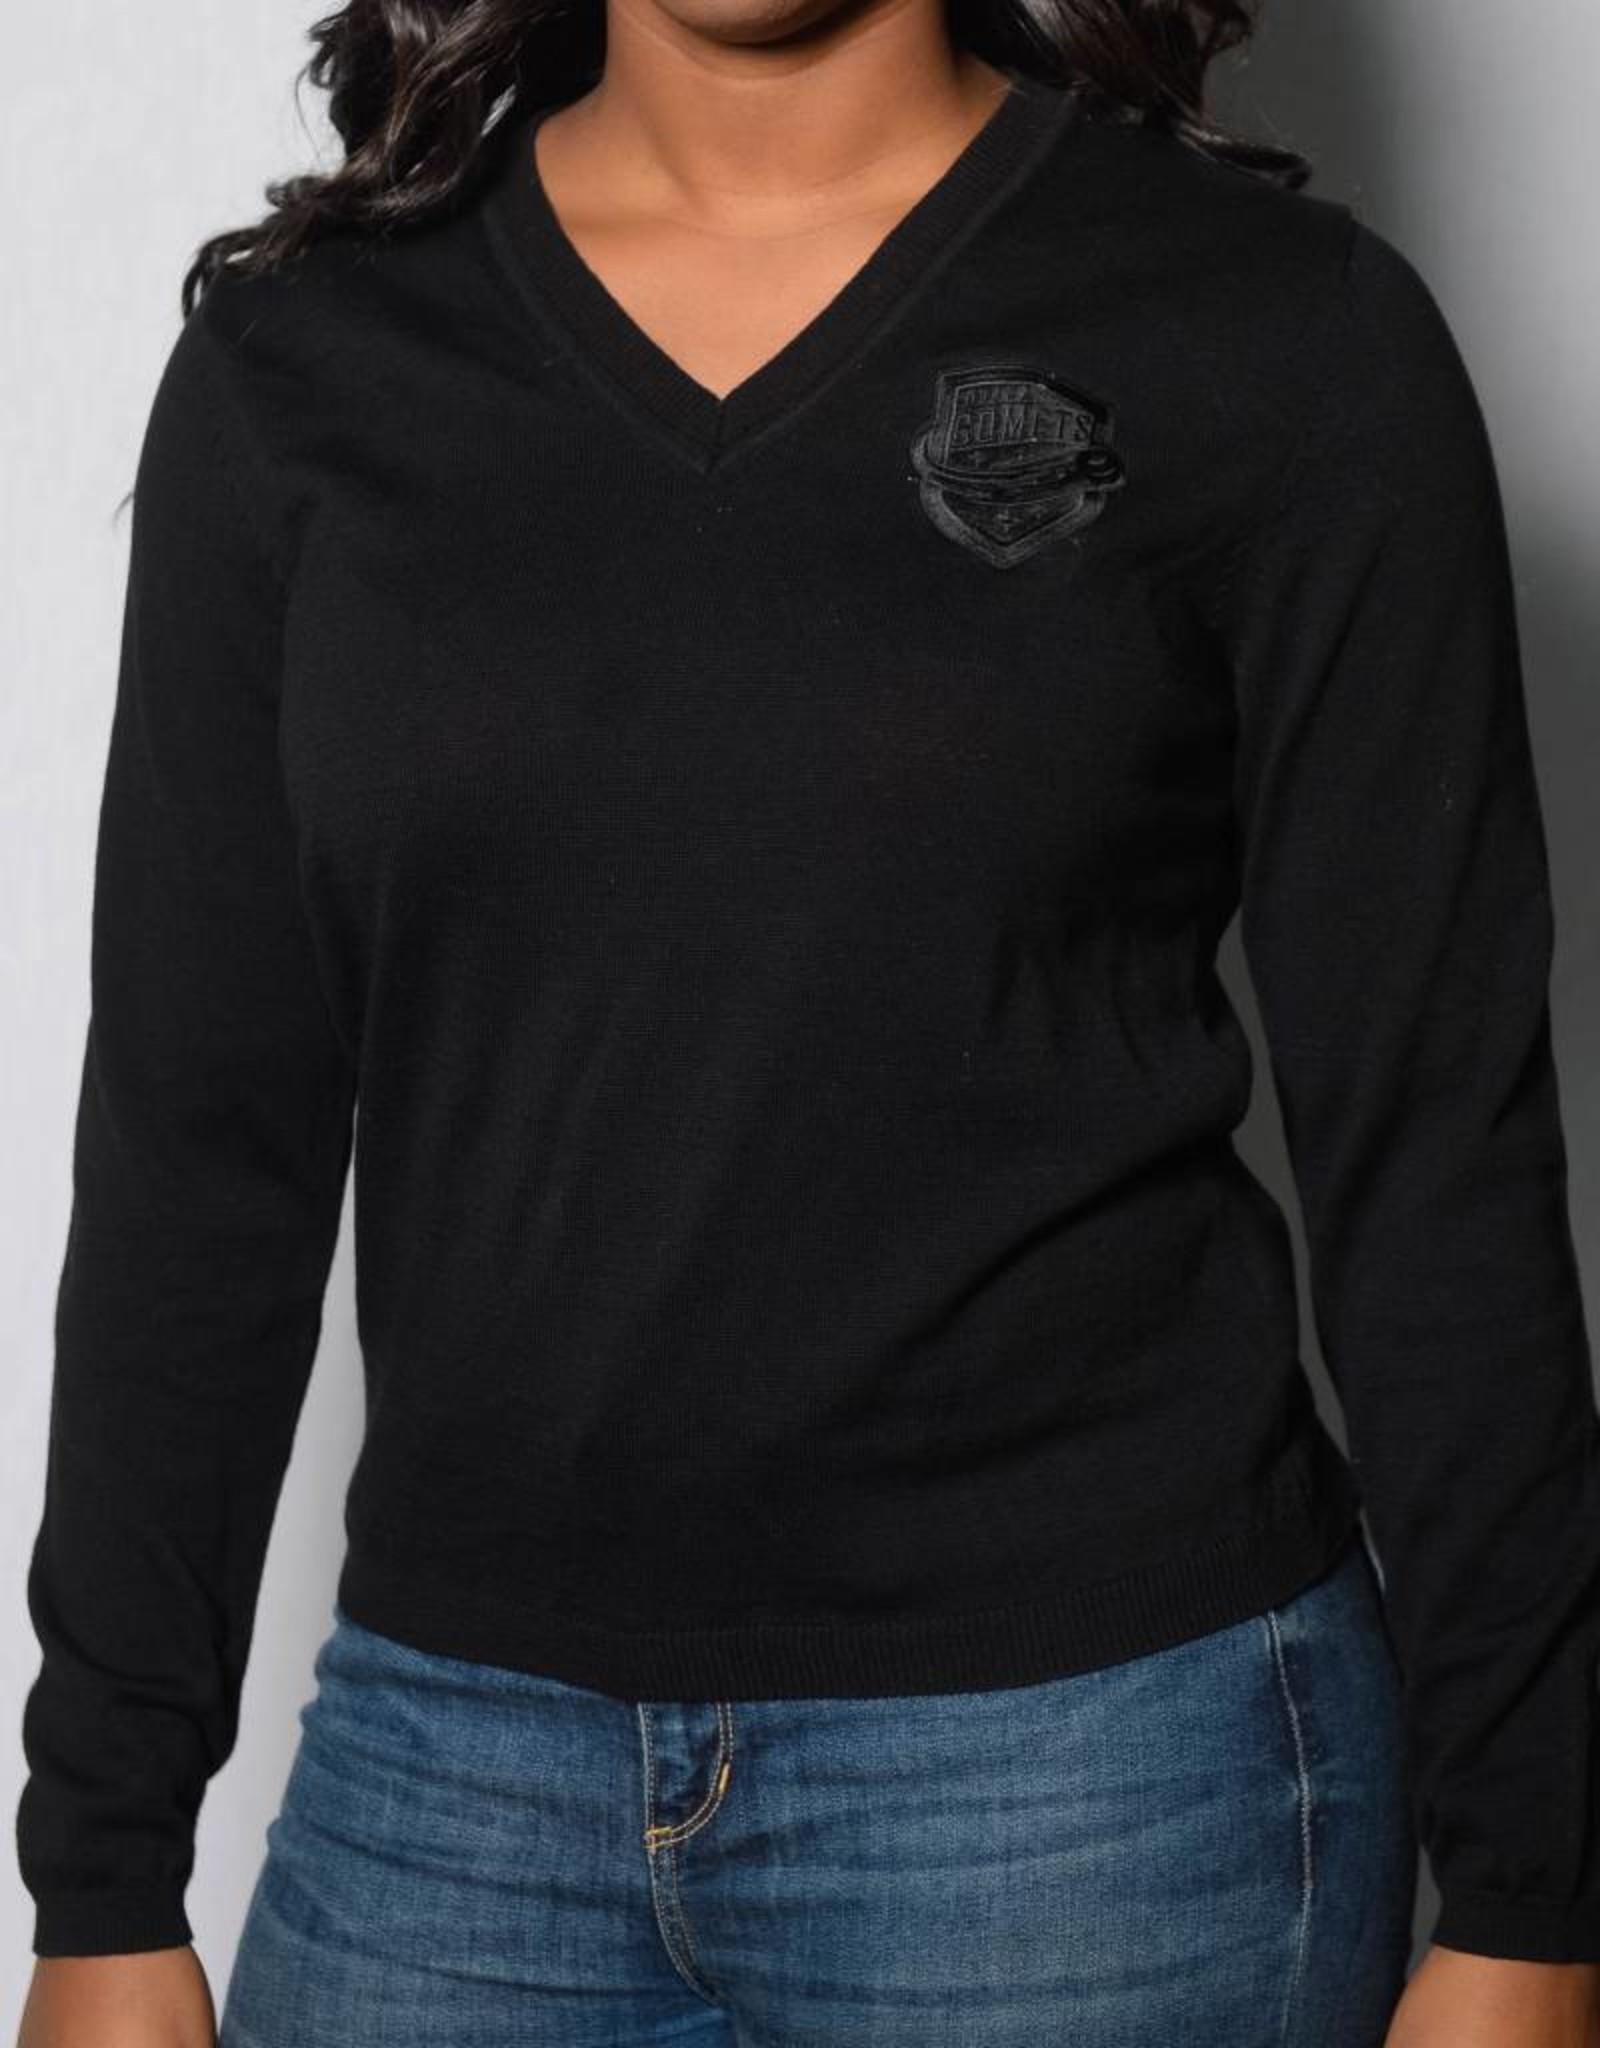 Women's Black Knit Sweater w/ Comets Shield